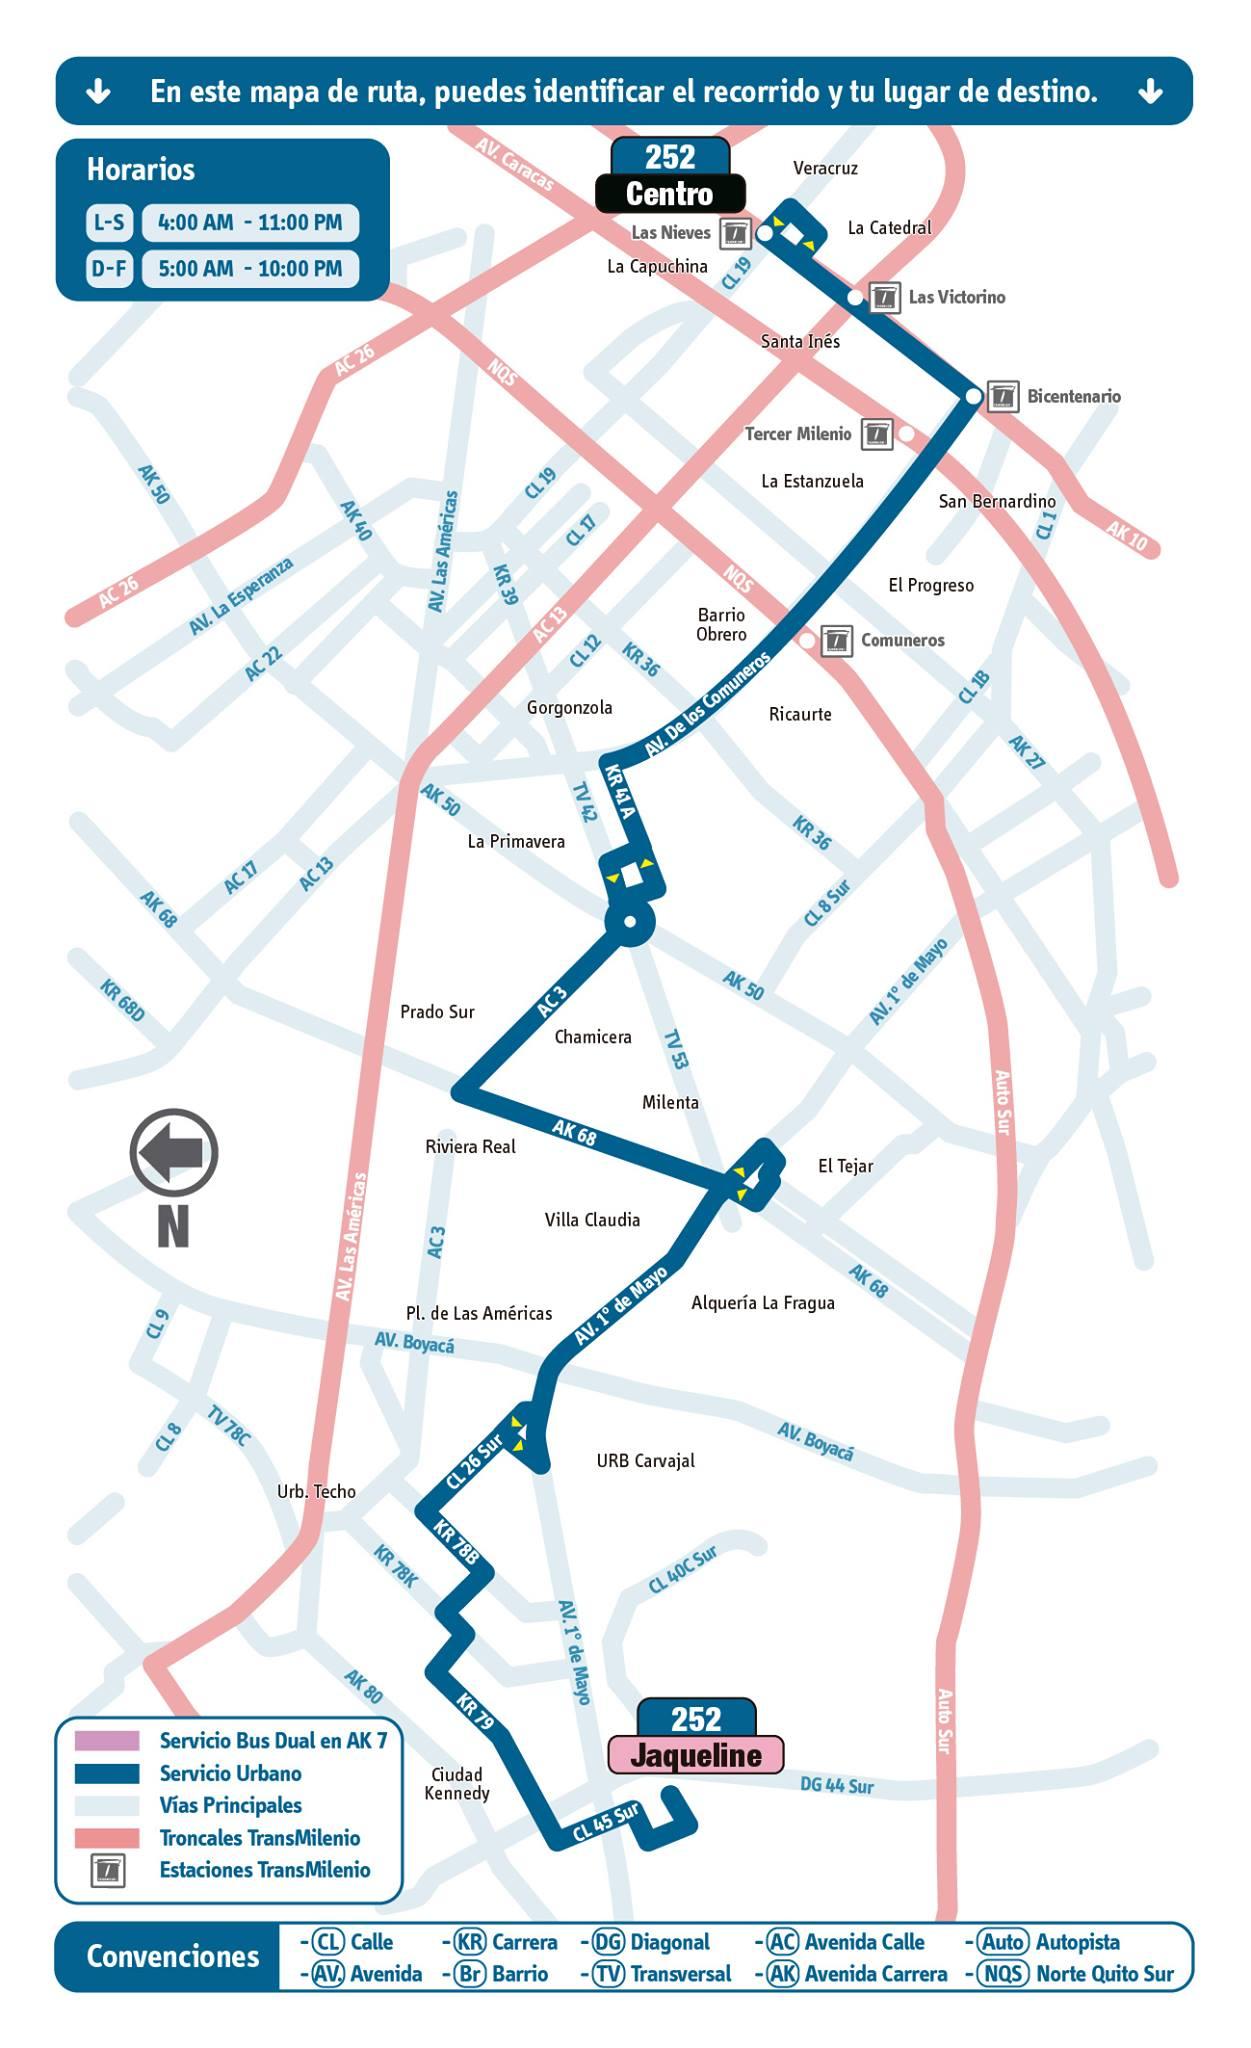 Mapa ruta urbana 252 extendida en noviembre 2014